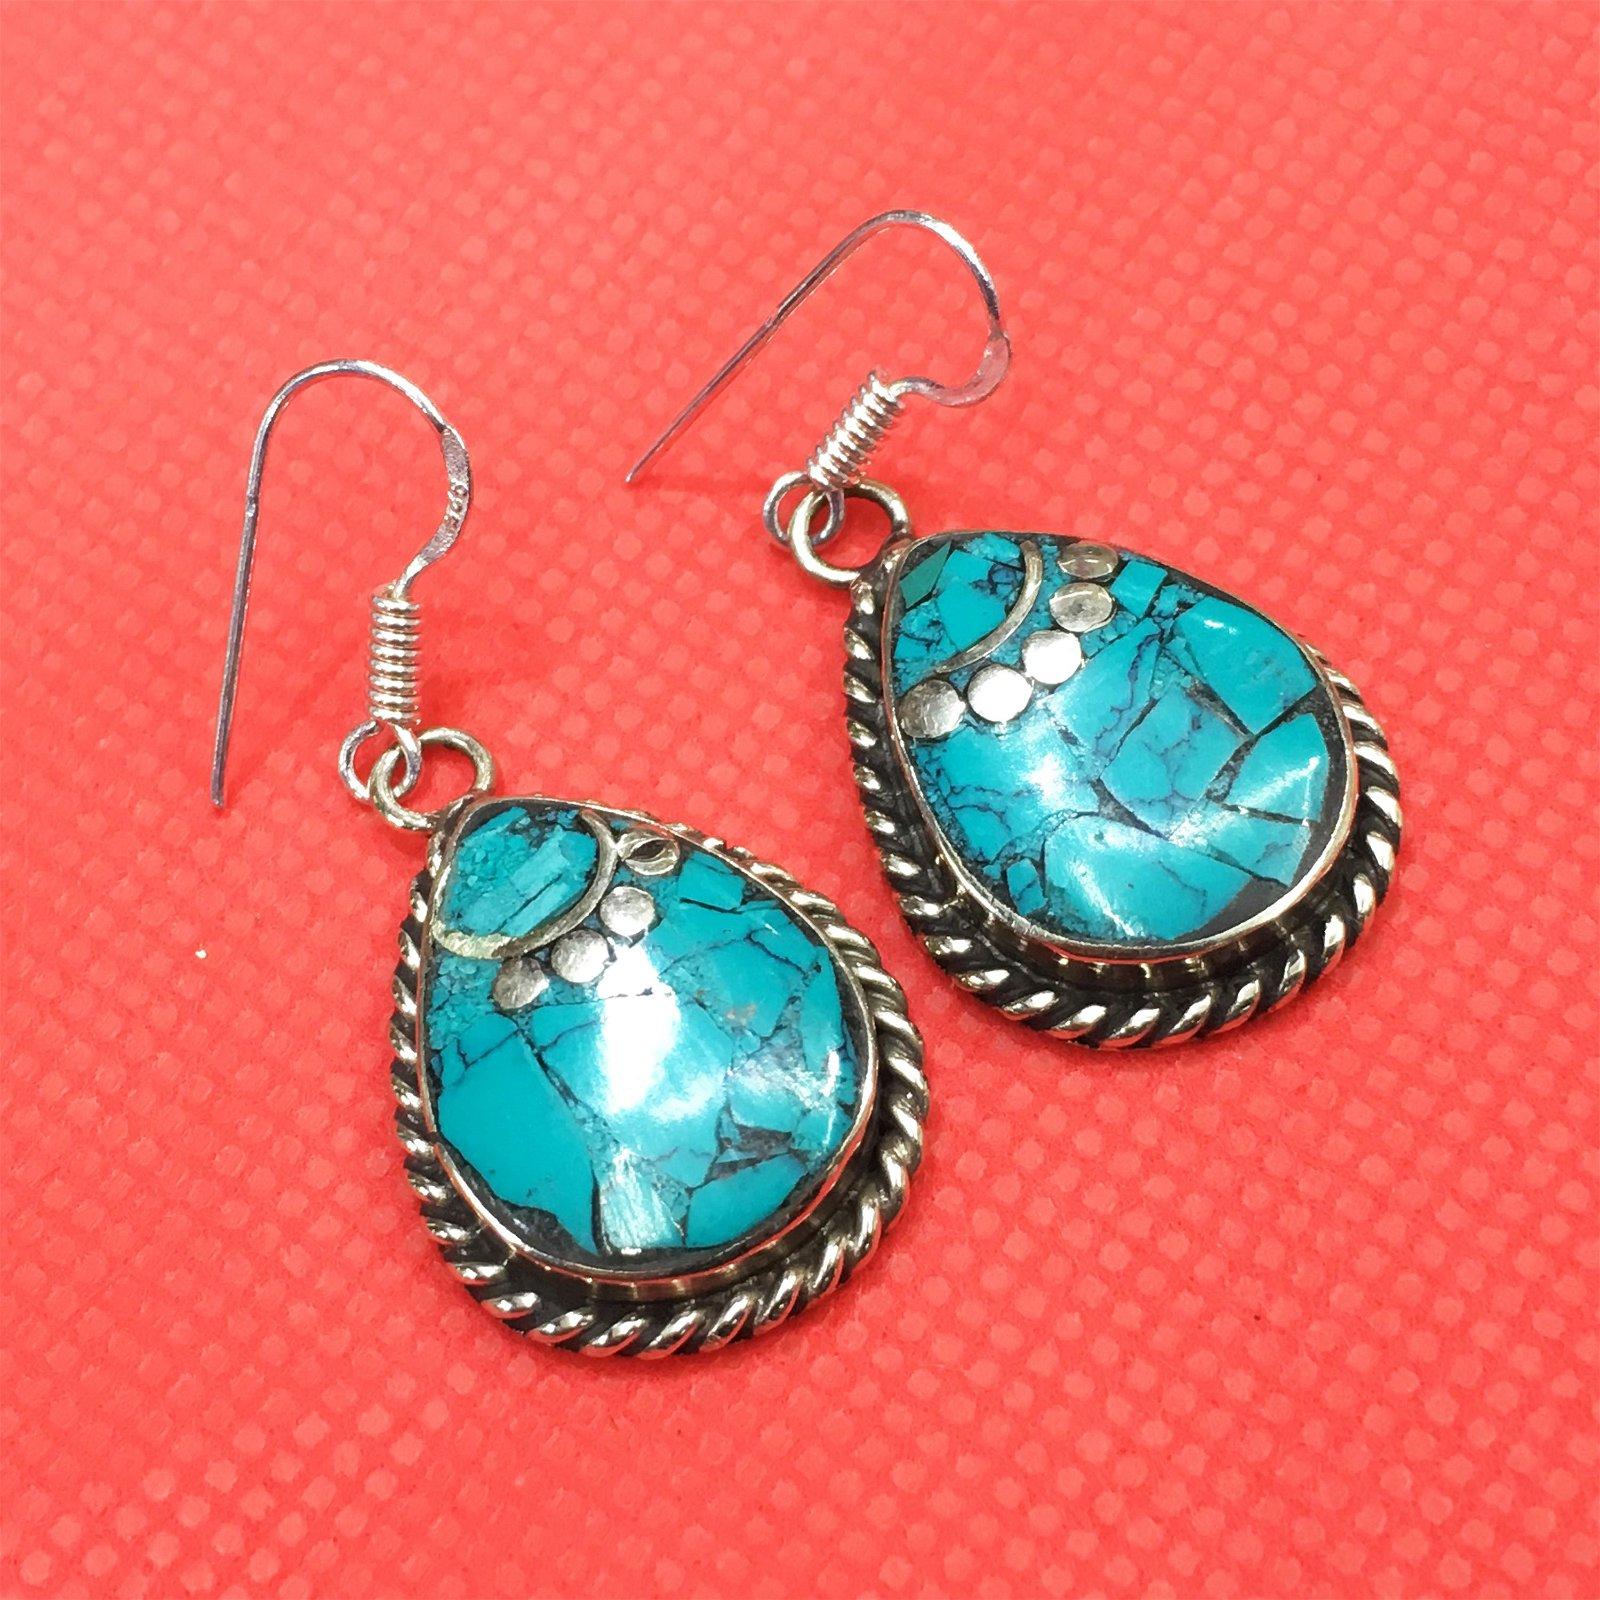 Tibetan Turquoise Handmade Ethnic Earrings